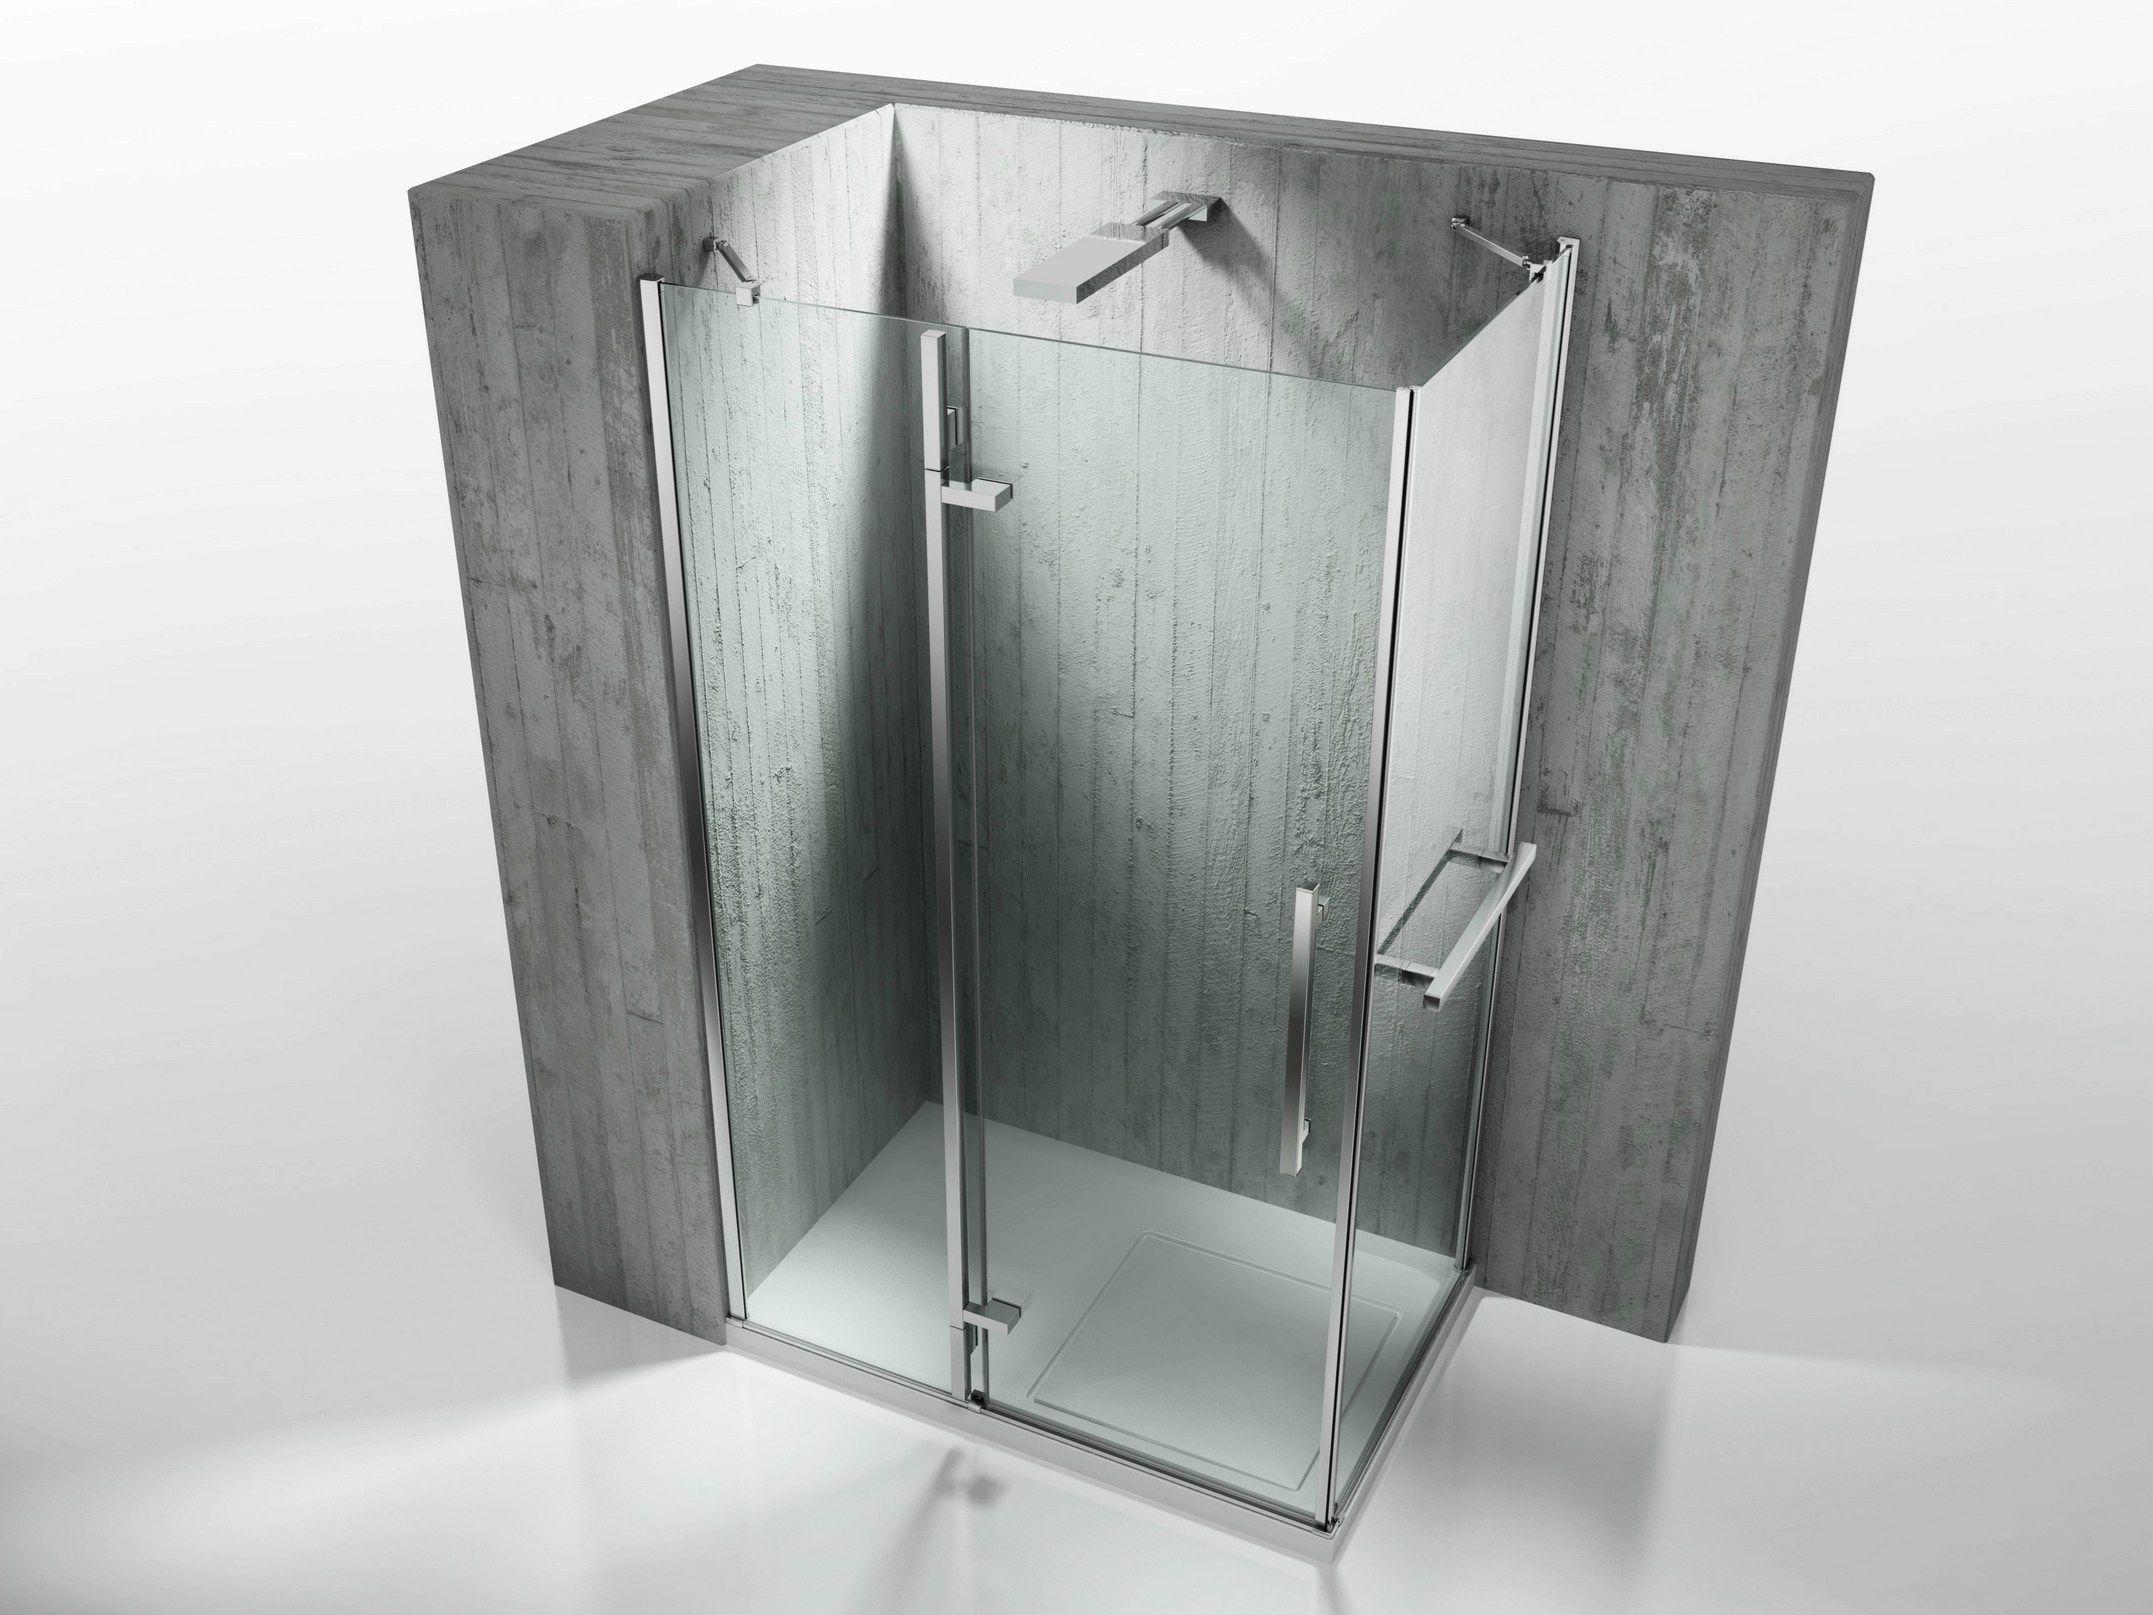 Cabine de douche d 39 angle sur mesure en verre tremp tiquadro qa qf by vis - Montage cabine de douche d angle ...